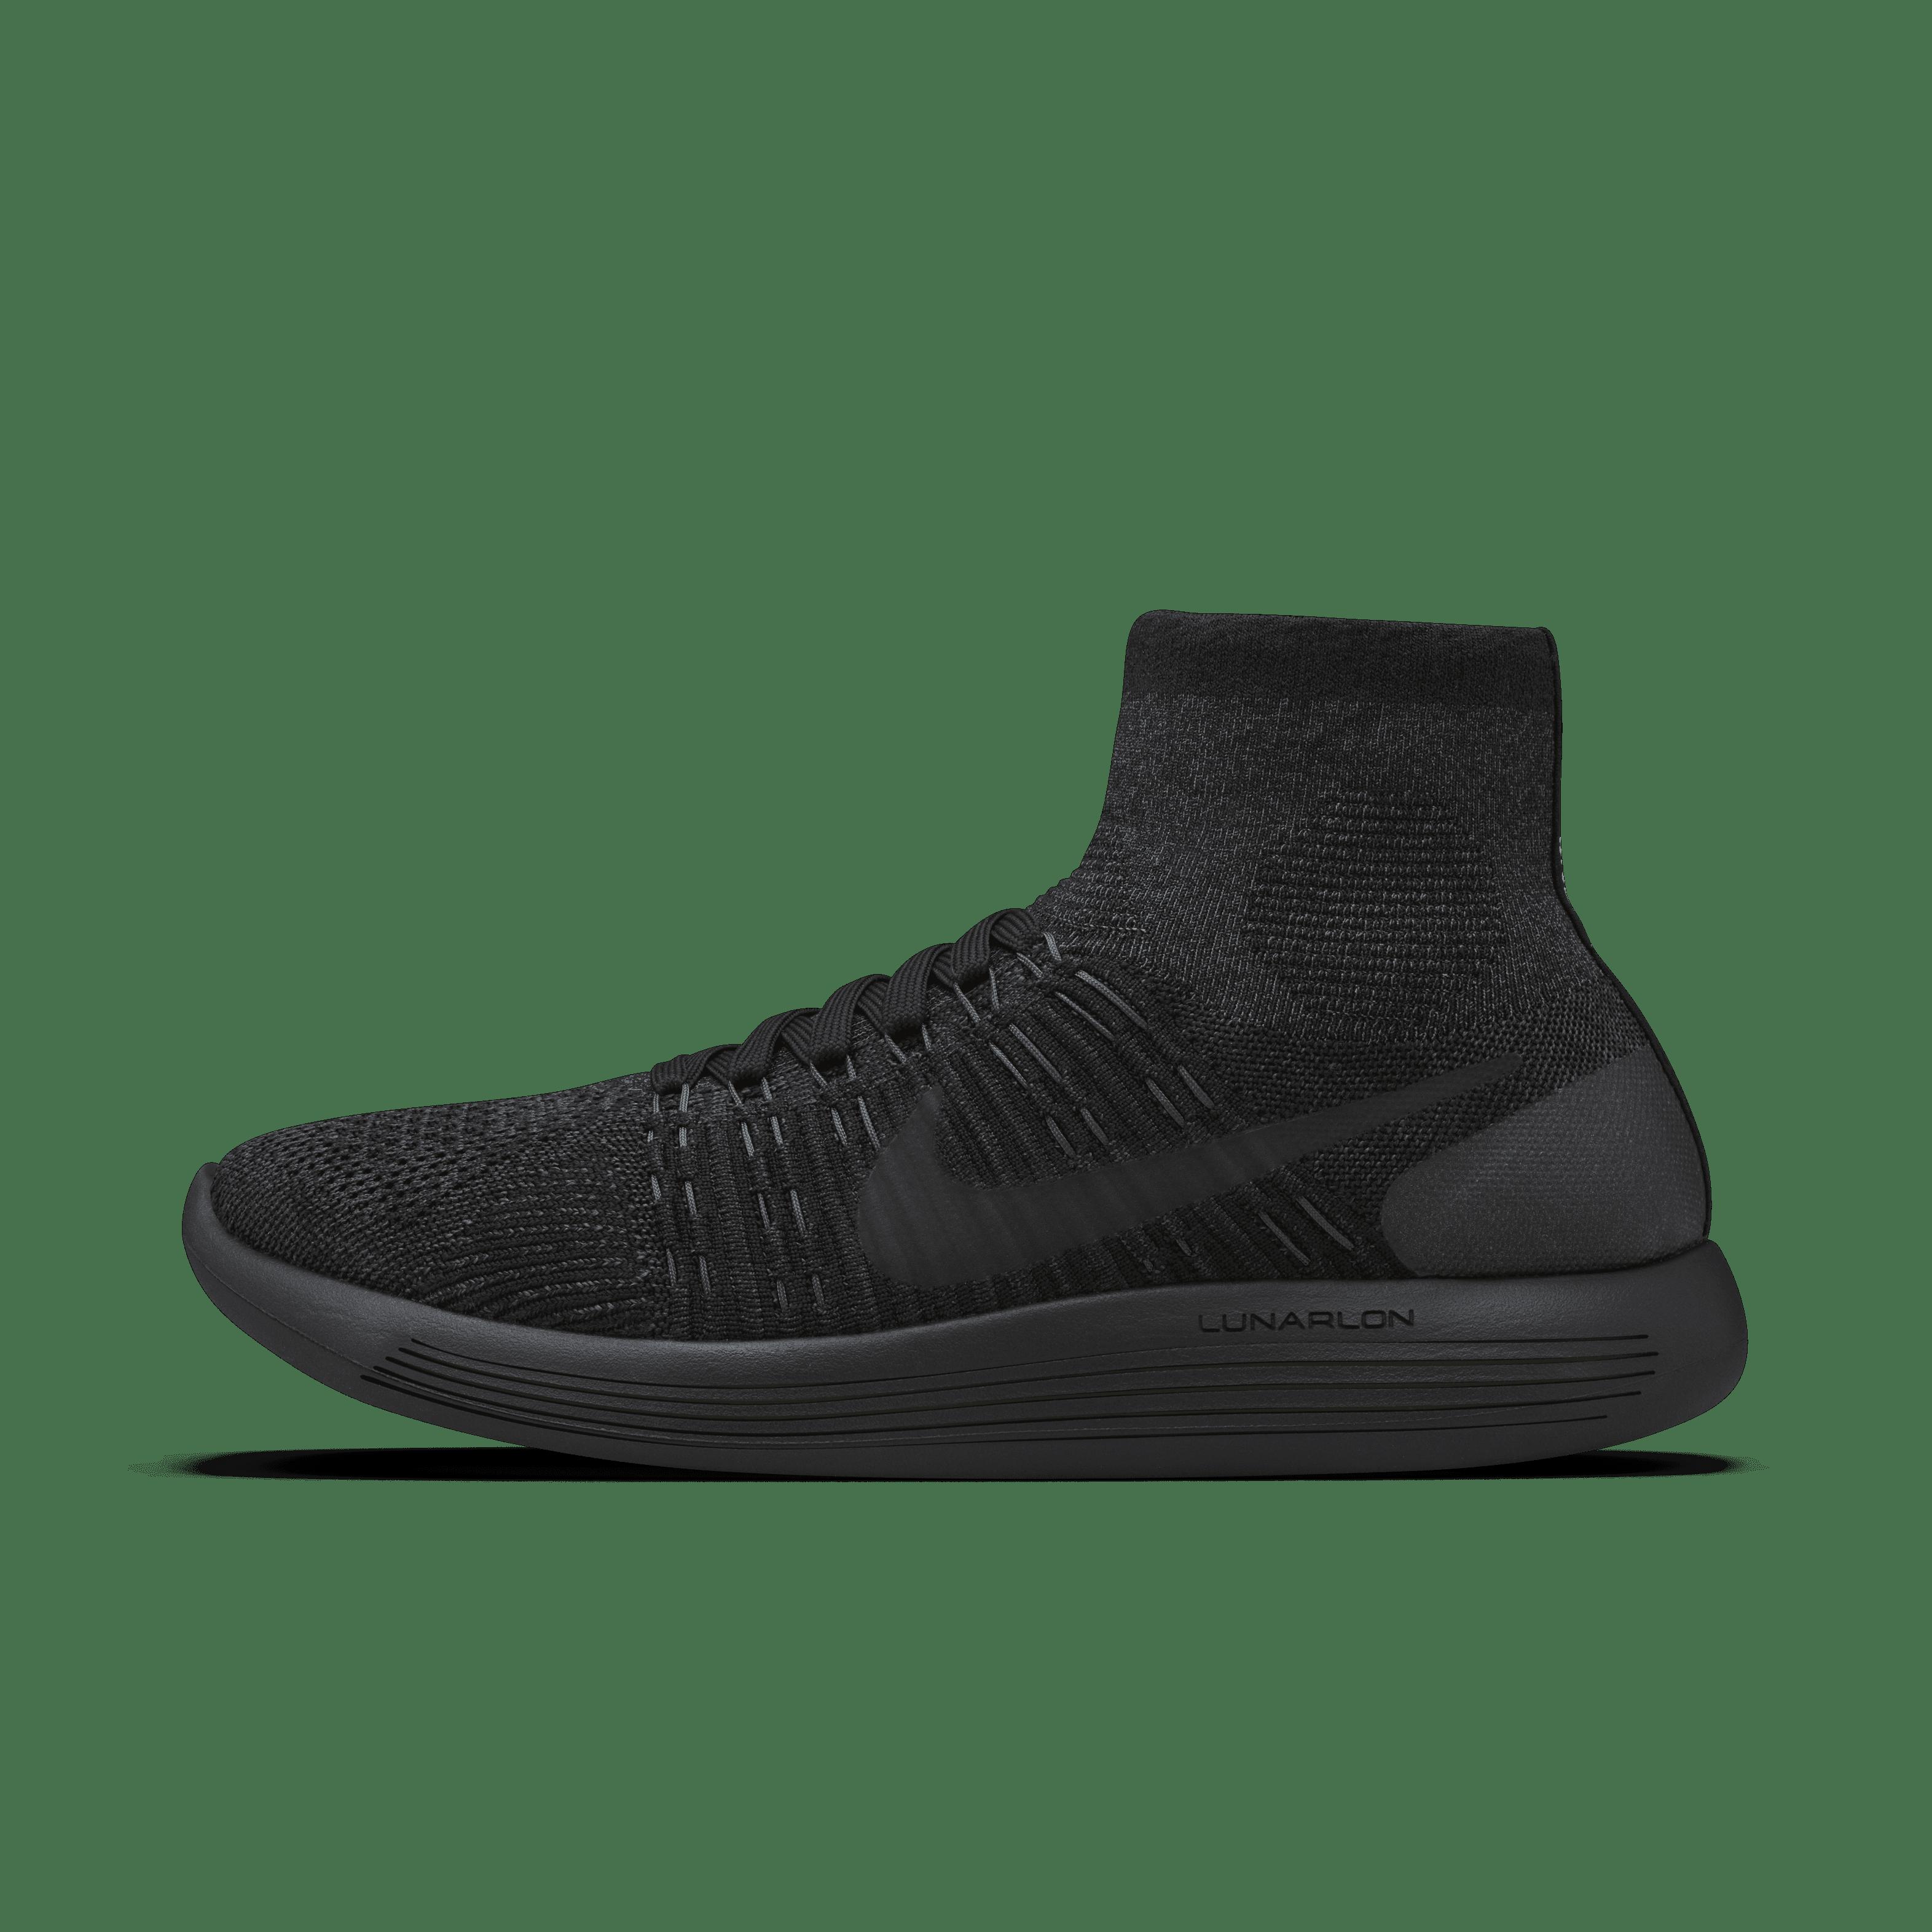 NikeLab_LunarEpic_Flyknit_1_53524.png